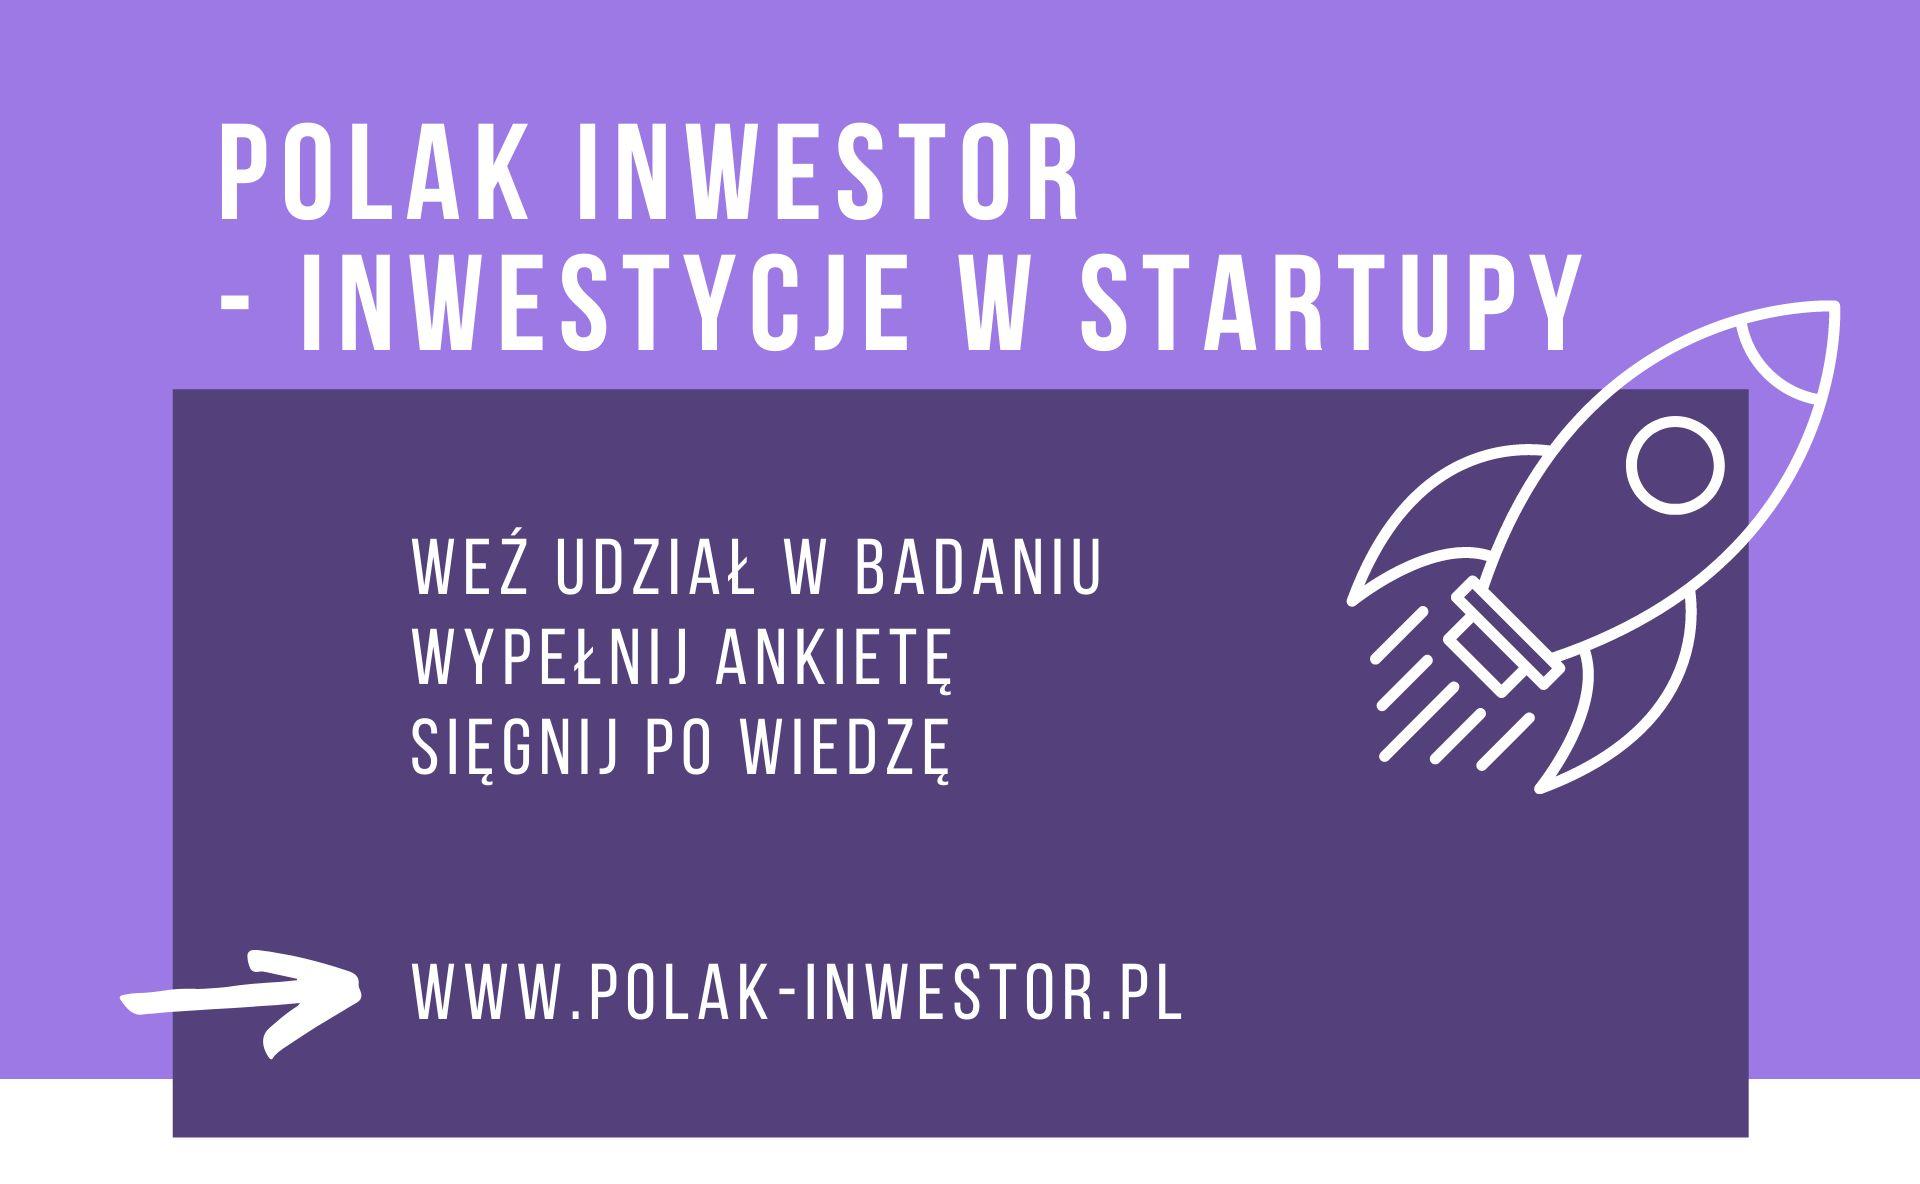 Jesteś inwestorem? Interesują Cię startupy? Weź udział w badaniu!